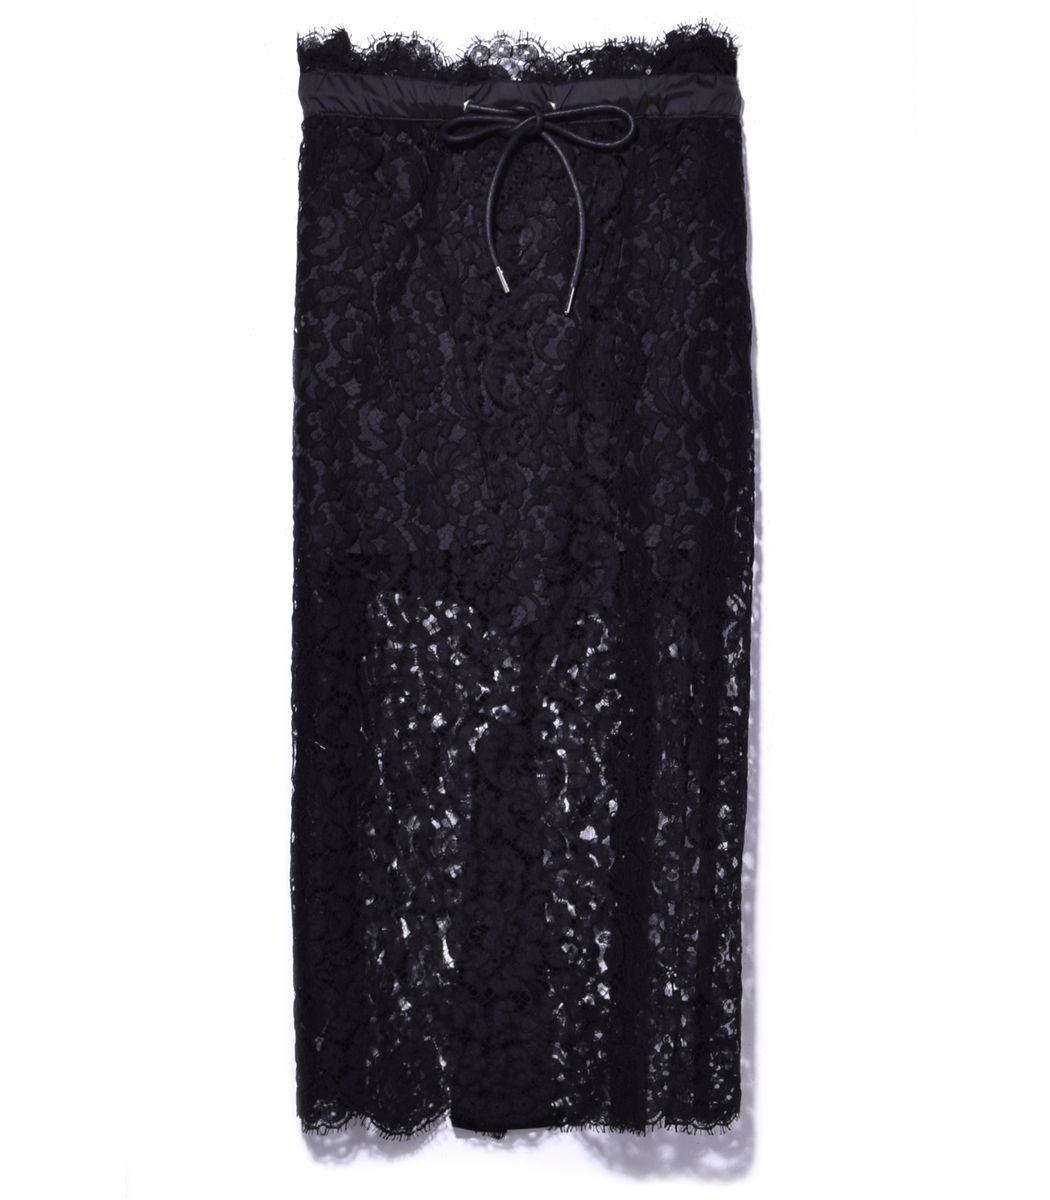 Sacai Black Floral Lace Skirt - Black Floral Lace Skirt